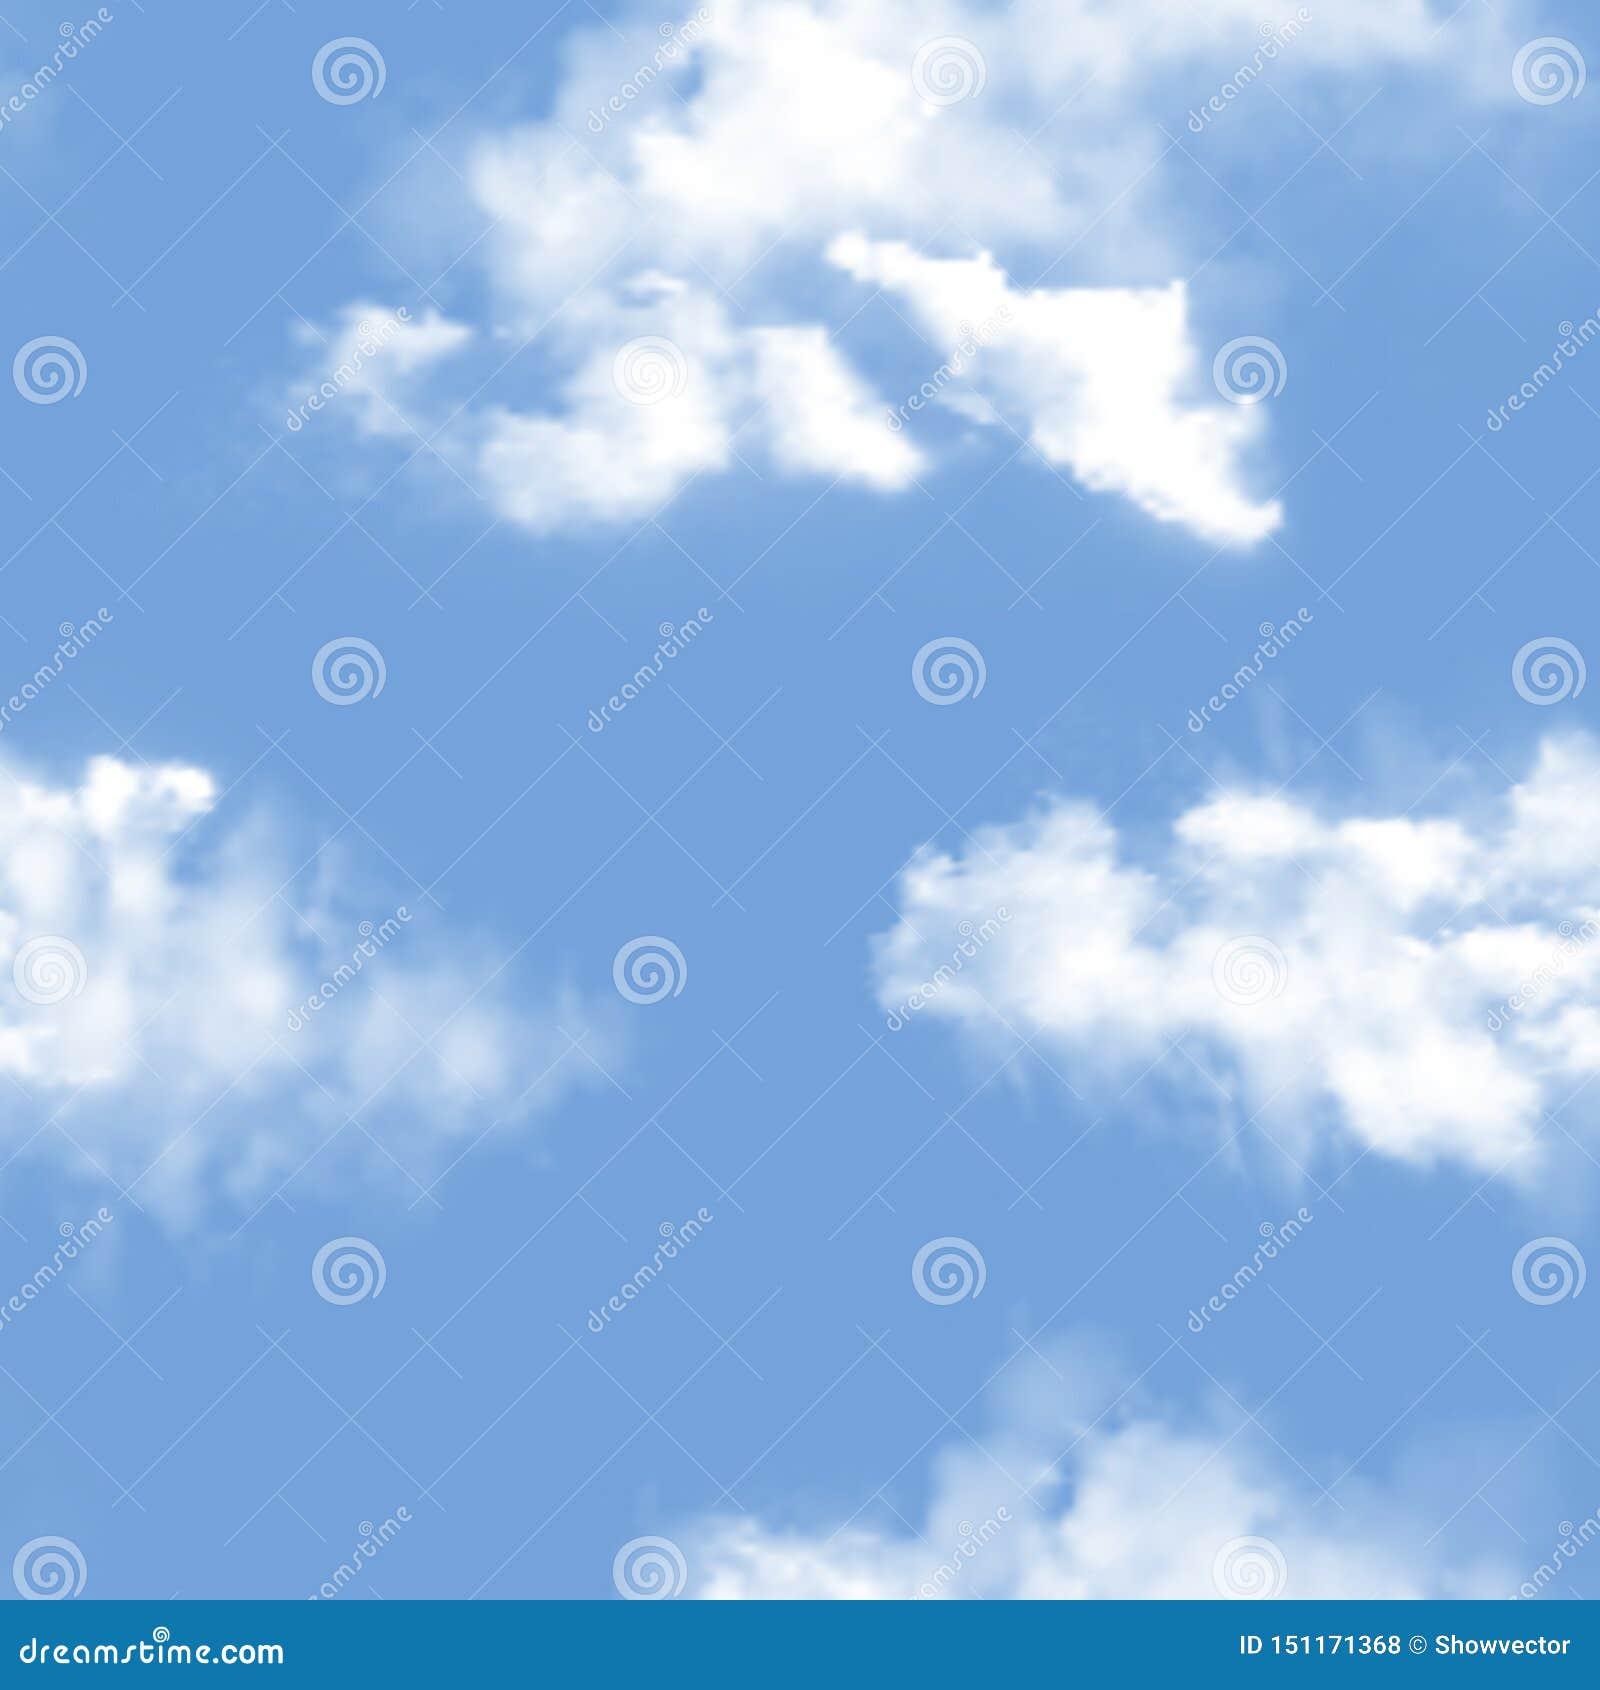 Contexto nublado del vector del modelo del cielo y sistema nublado azul del ejemplo del papel pintado del cielo del horizonte de